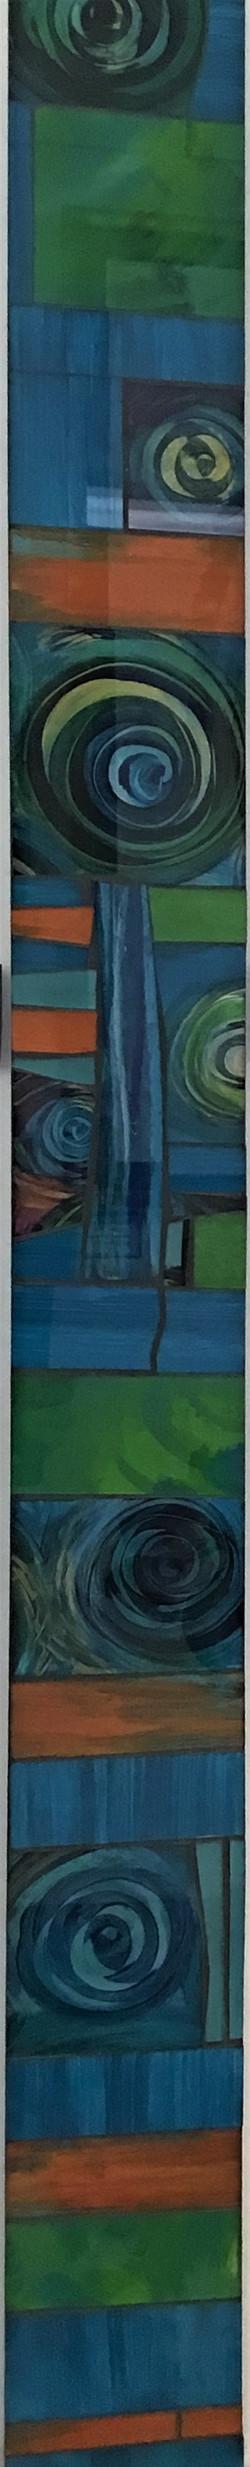 Aqua Art On Glass